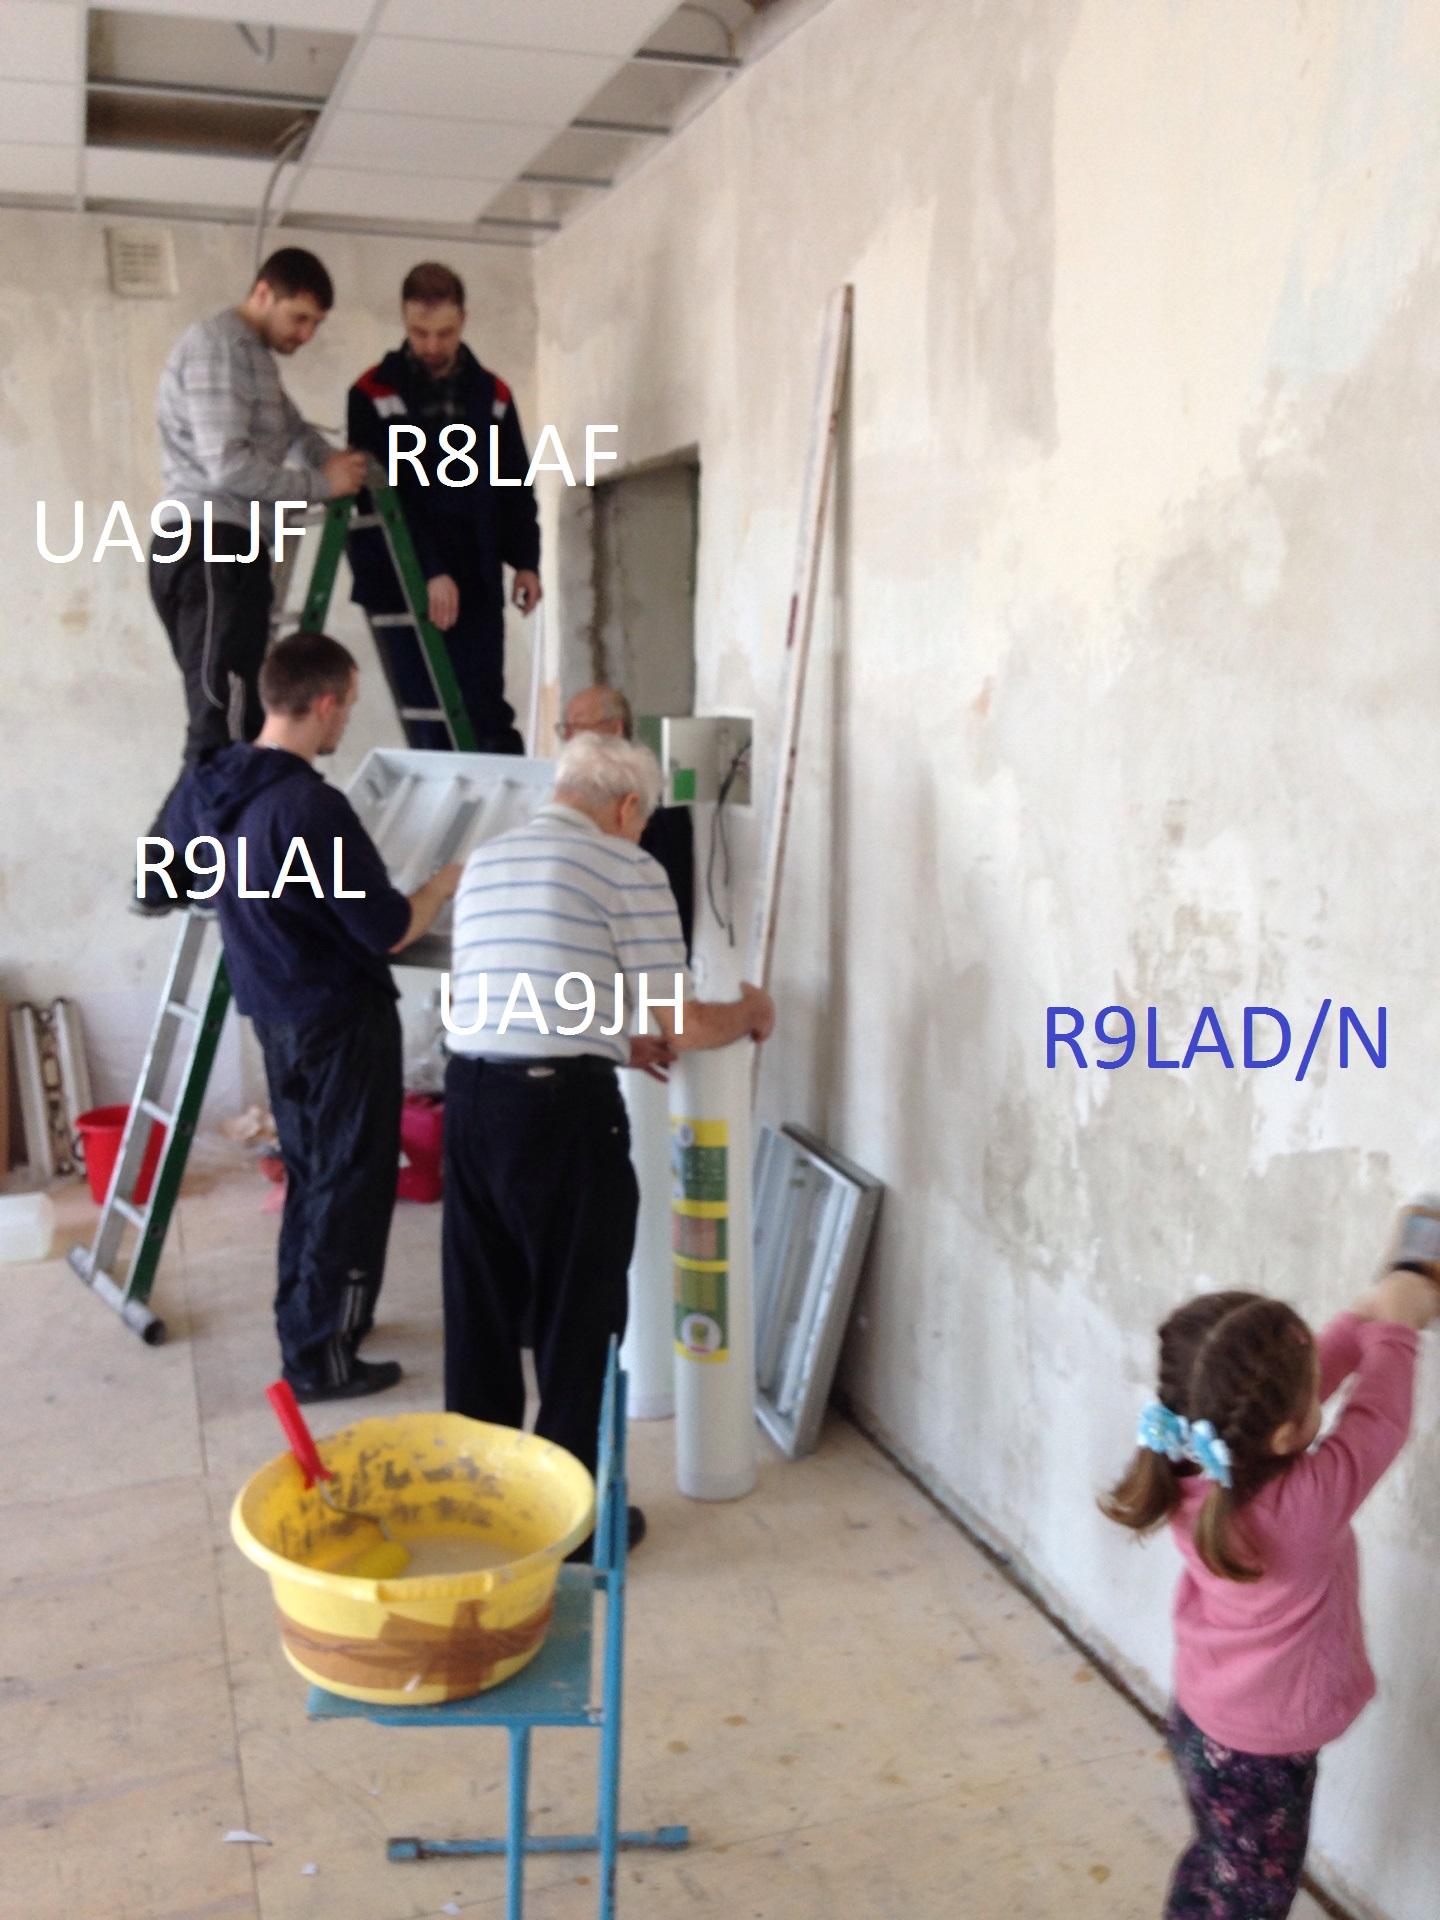 http://se.uploads.ru/cJIam.jpg